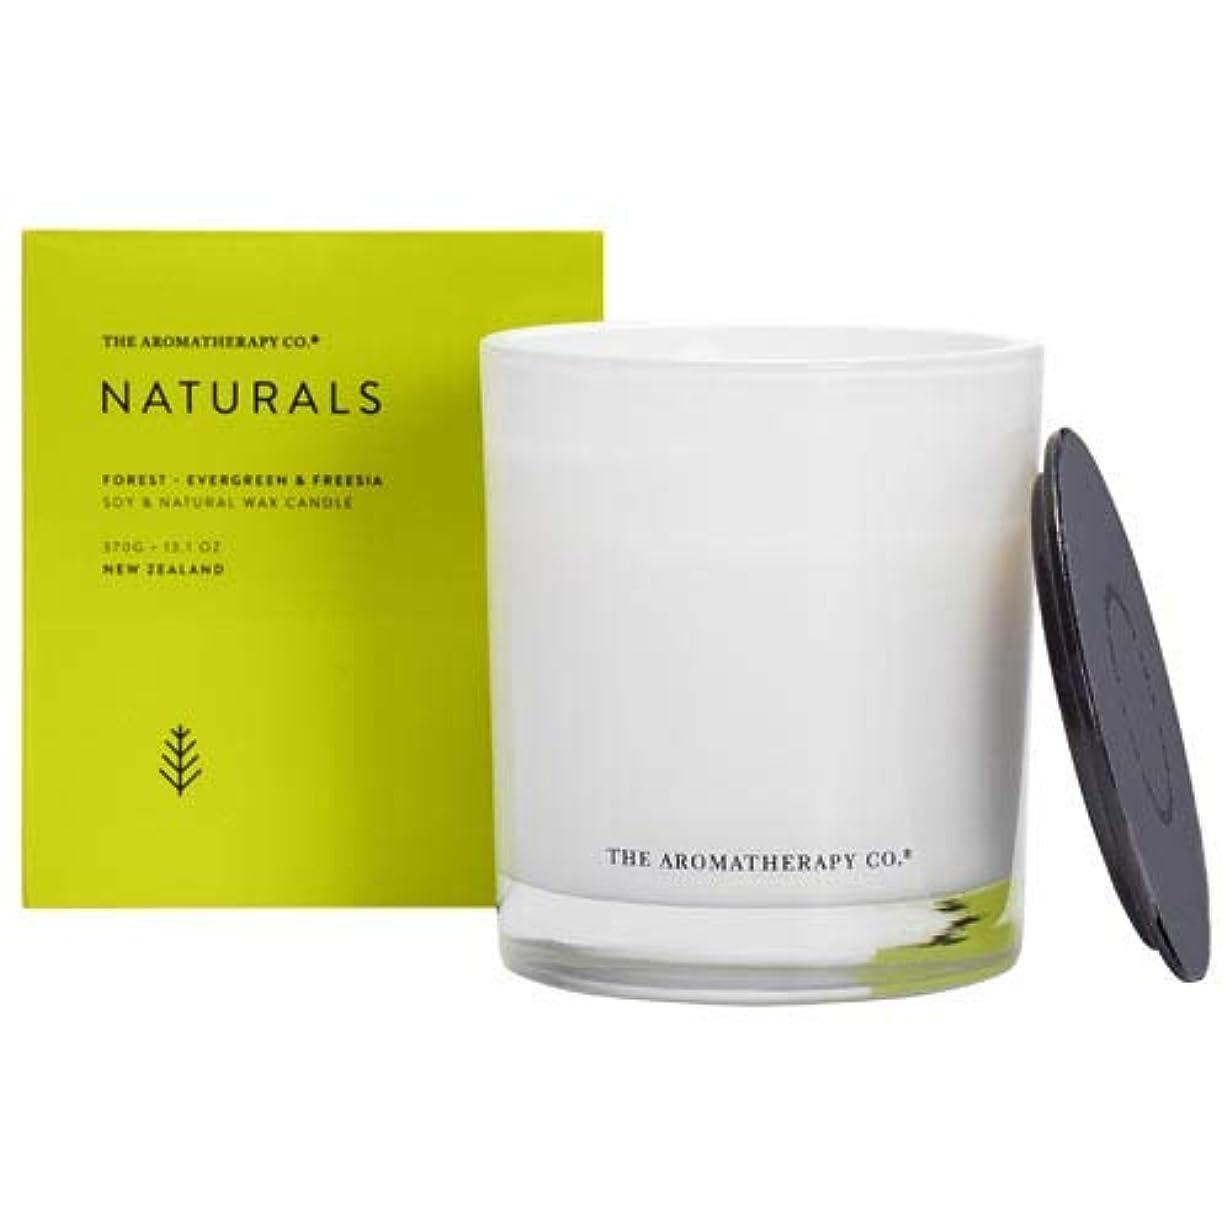 予備離婚旅行代理店アロマセラピーカンパニー(Aromatherapy Company) new NATURALS ナチュラルズ Candle キャンドル Forest フォレスト(森林) Evergreen & Freesia エバーグリーン&フリージア